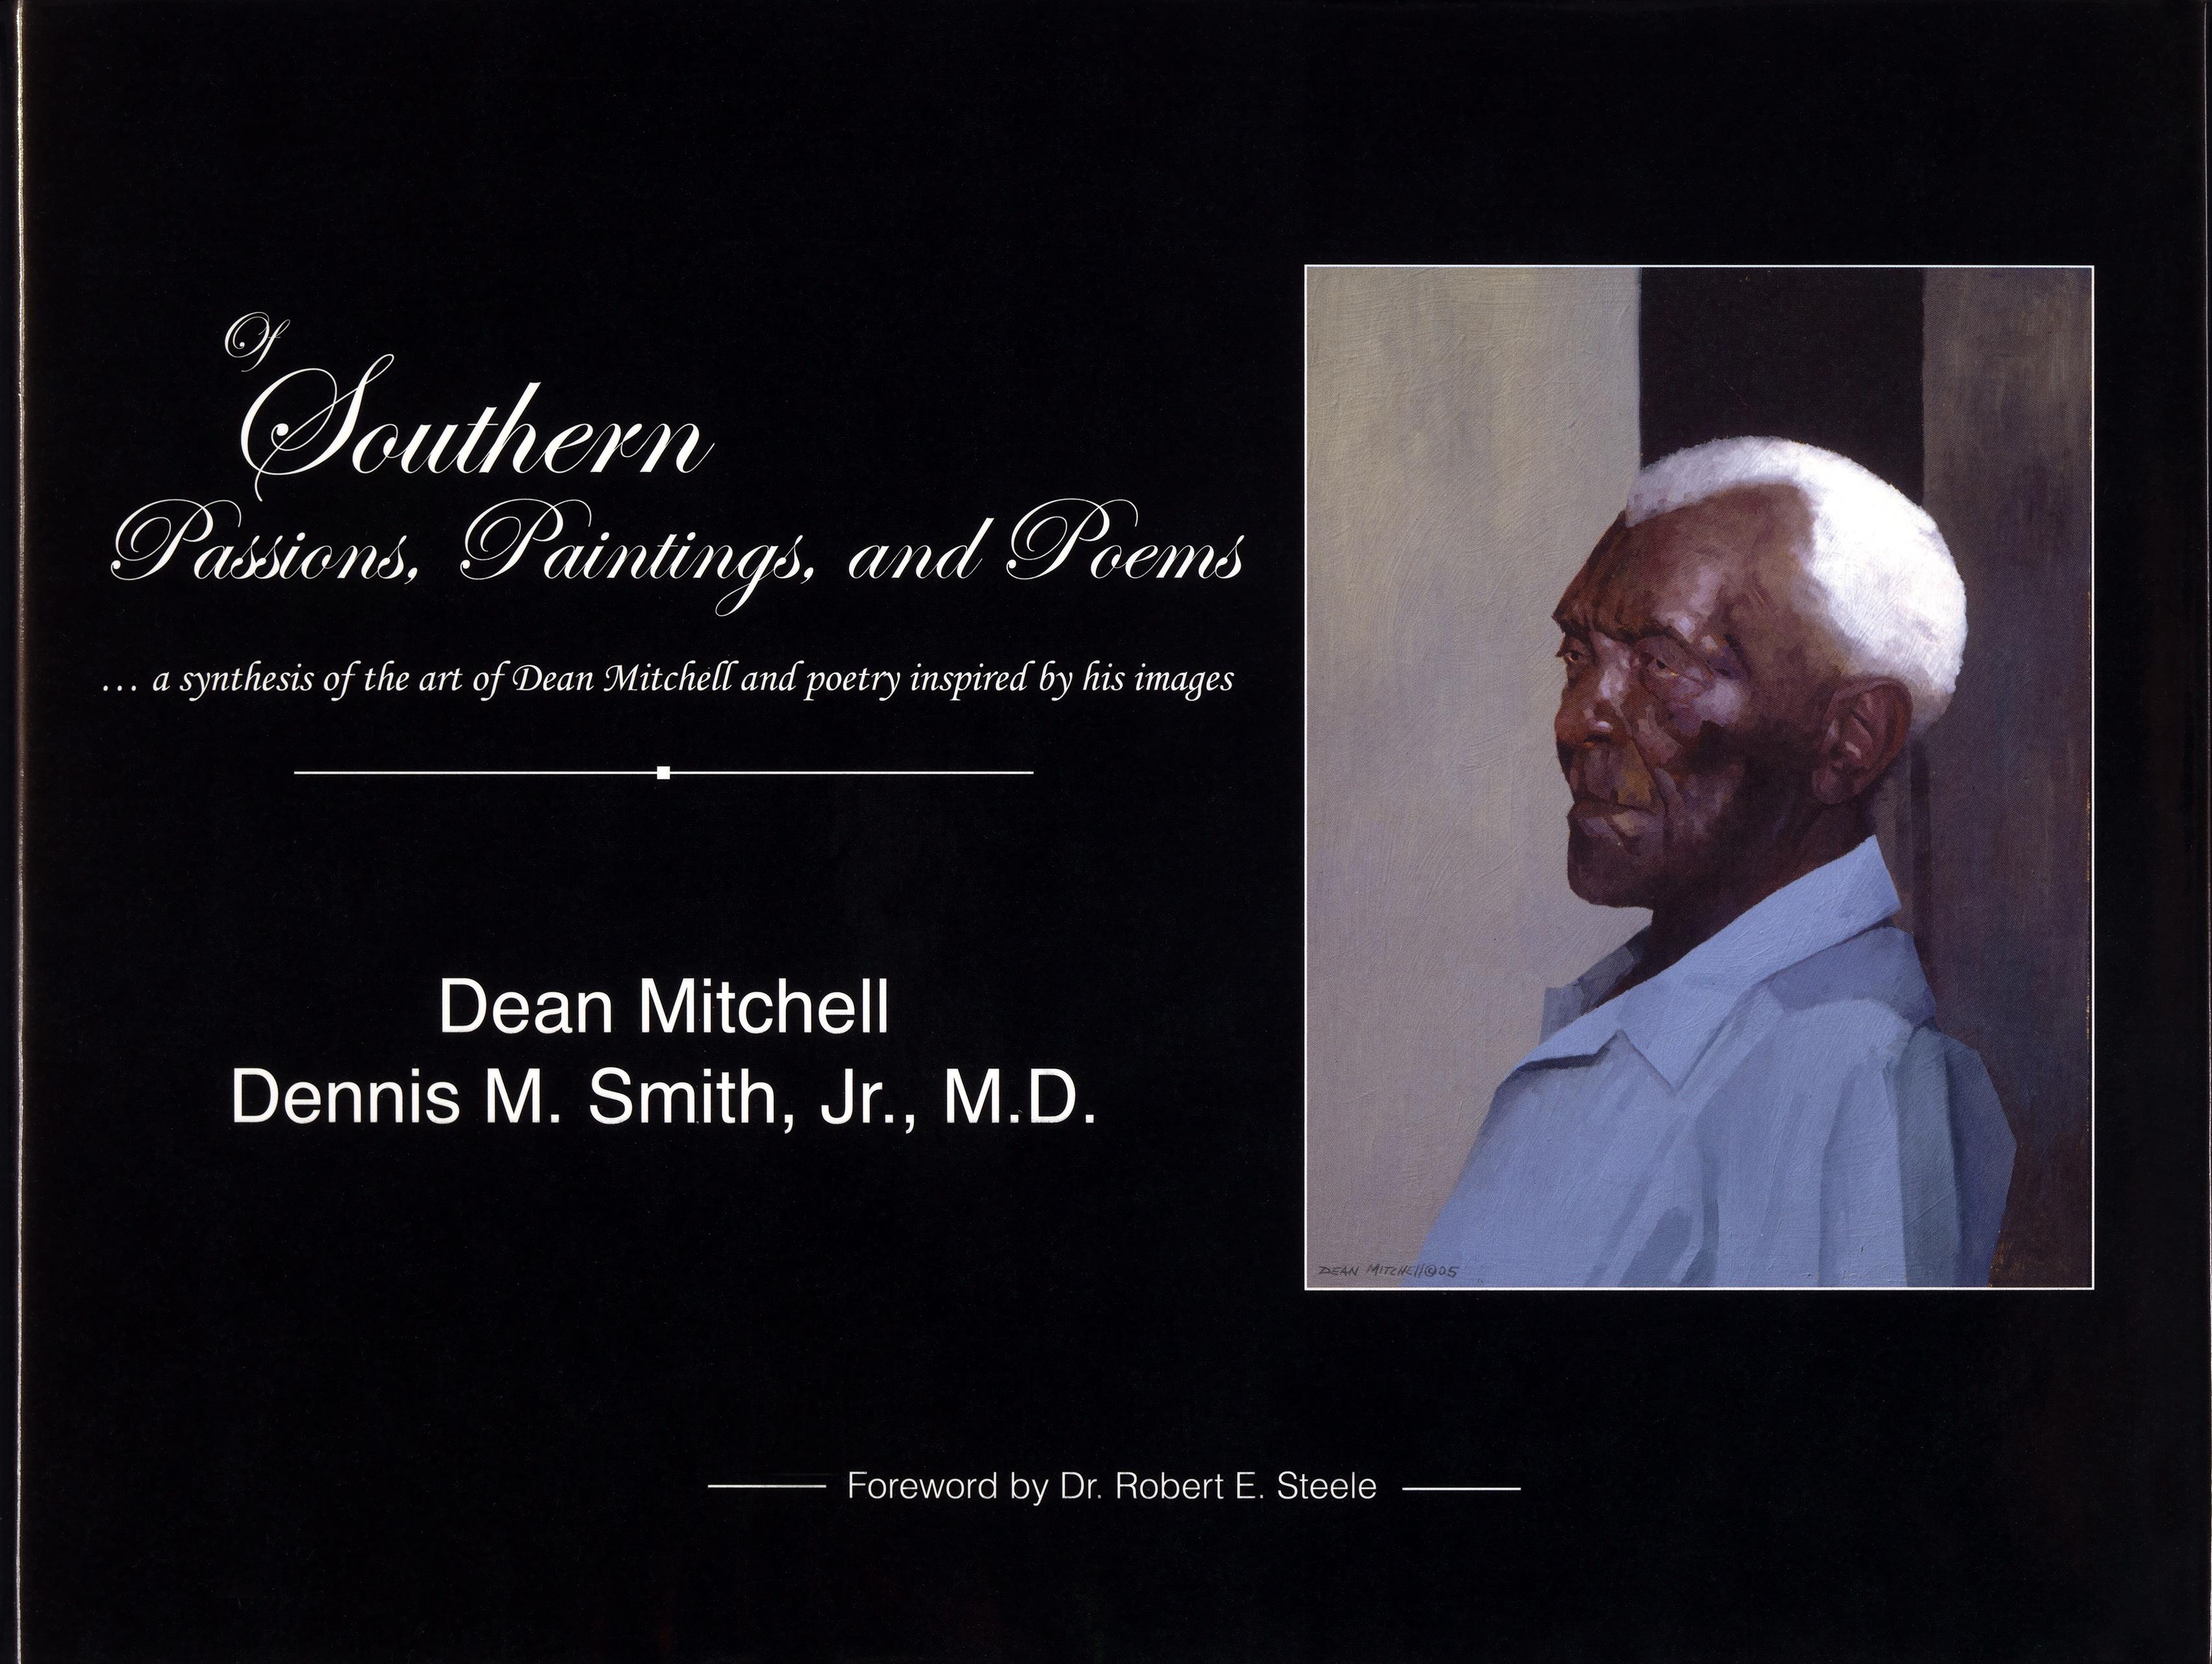 Dean Mitchell's Book